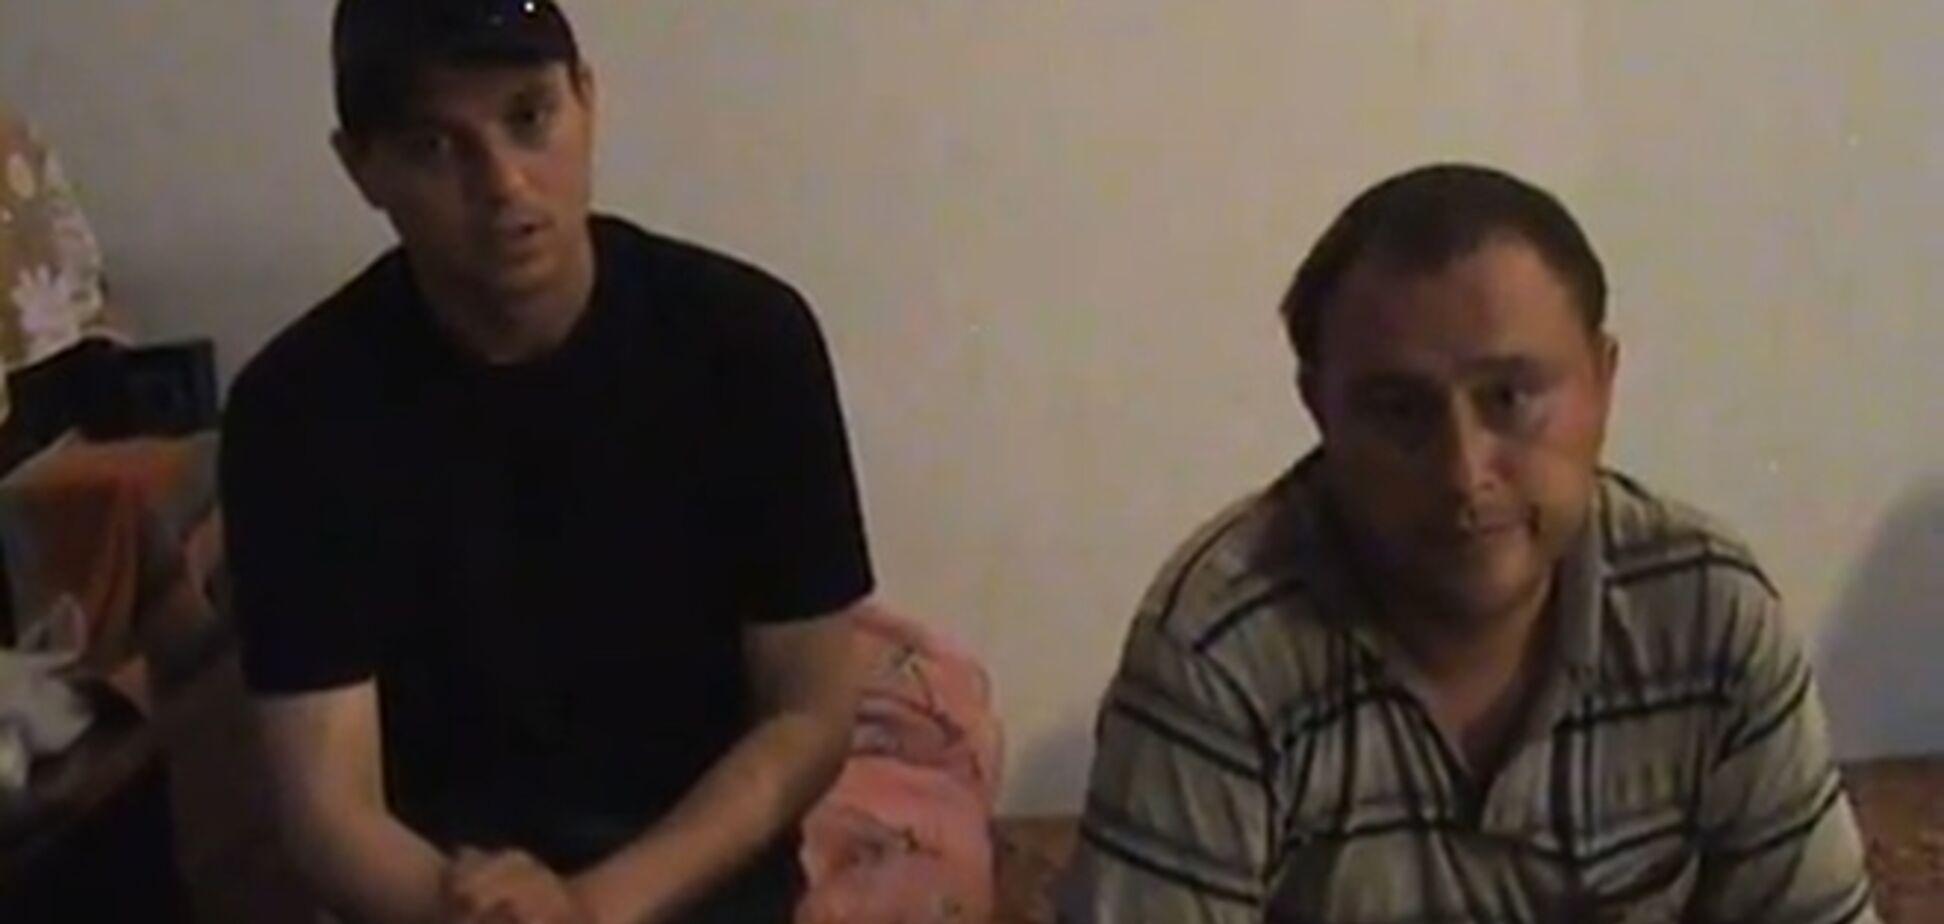 Луганские террористы поймали 'самозванцев', которые похищали людей